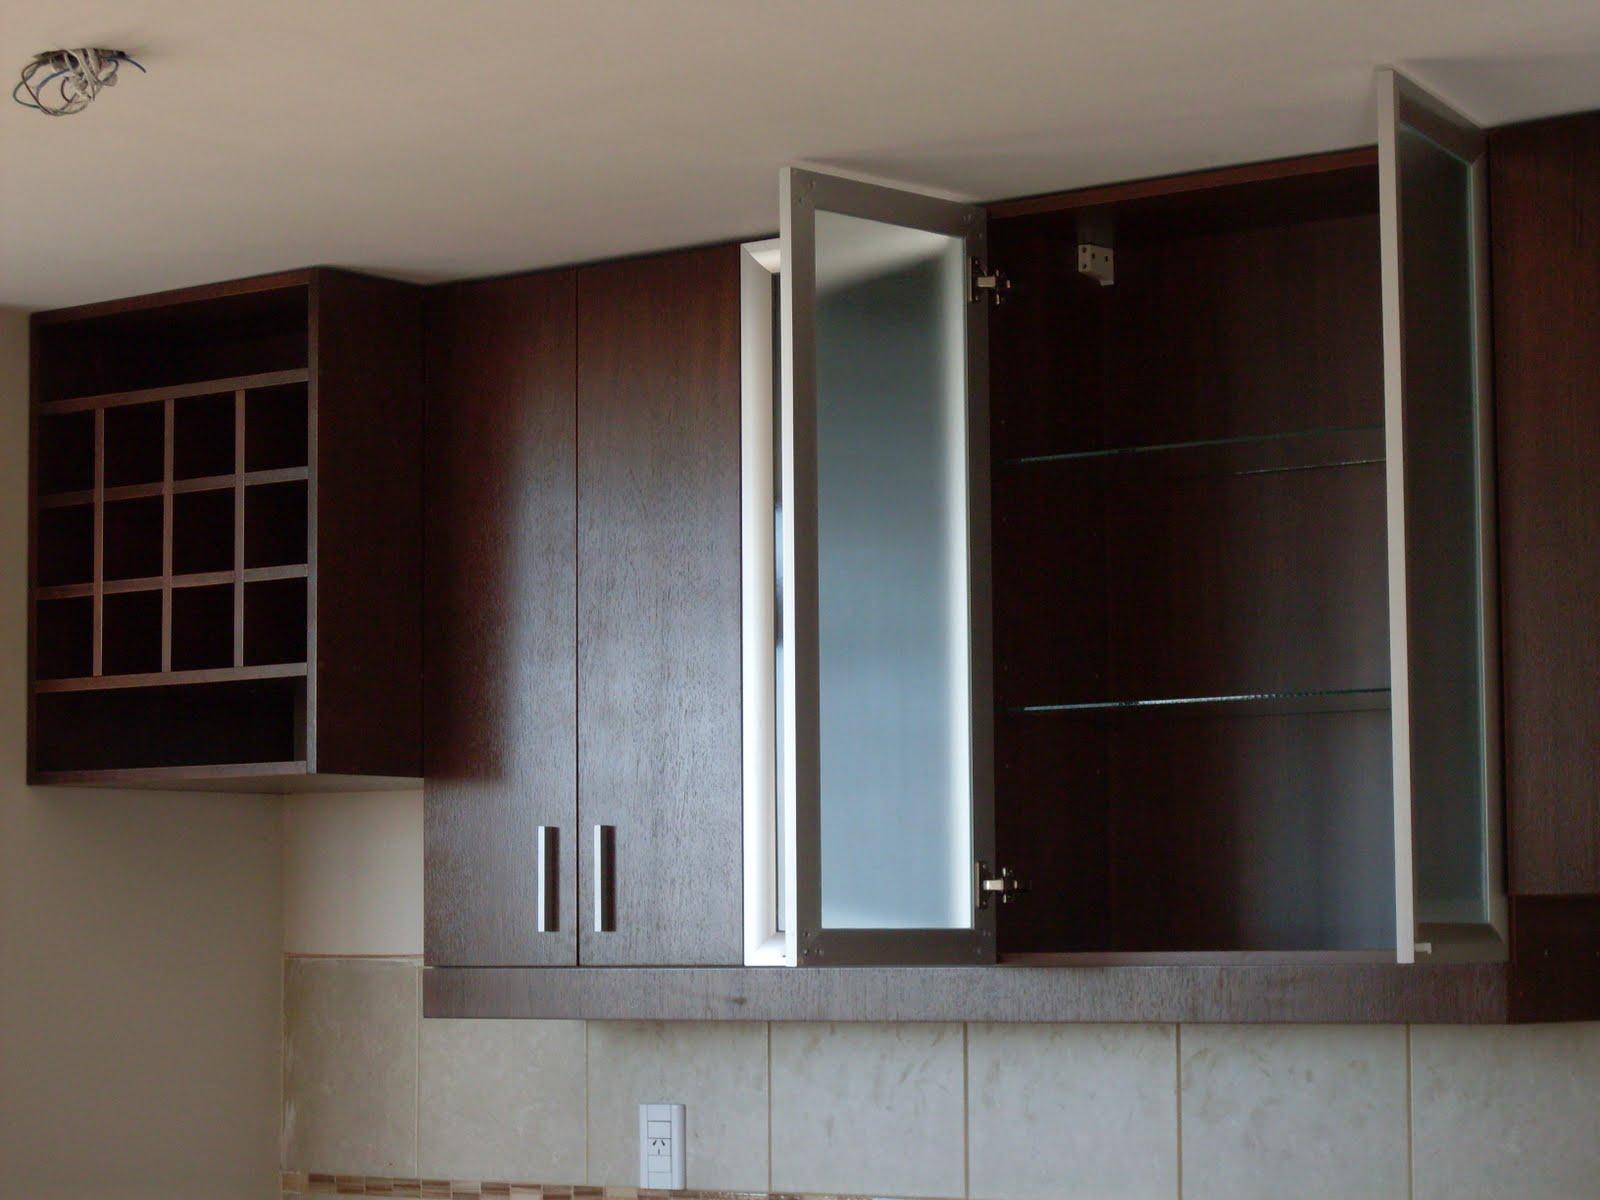 Muebles de cocina color nogal habano - Cocinas color nogal ...